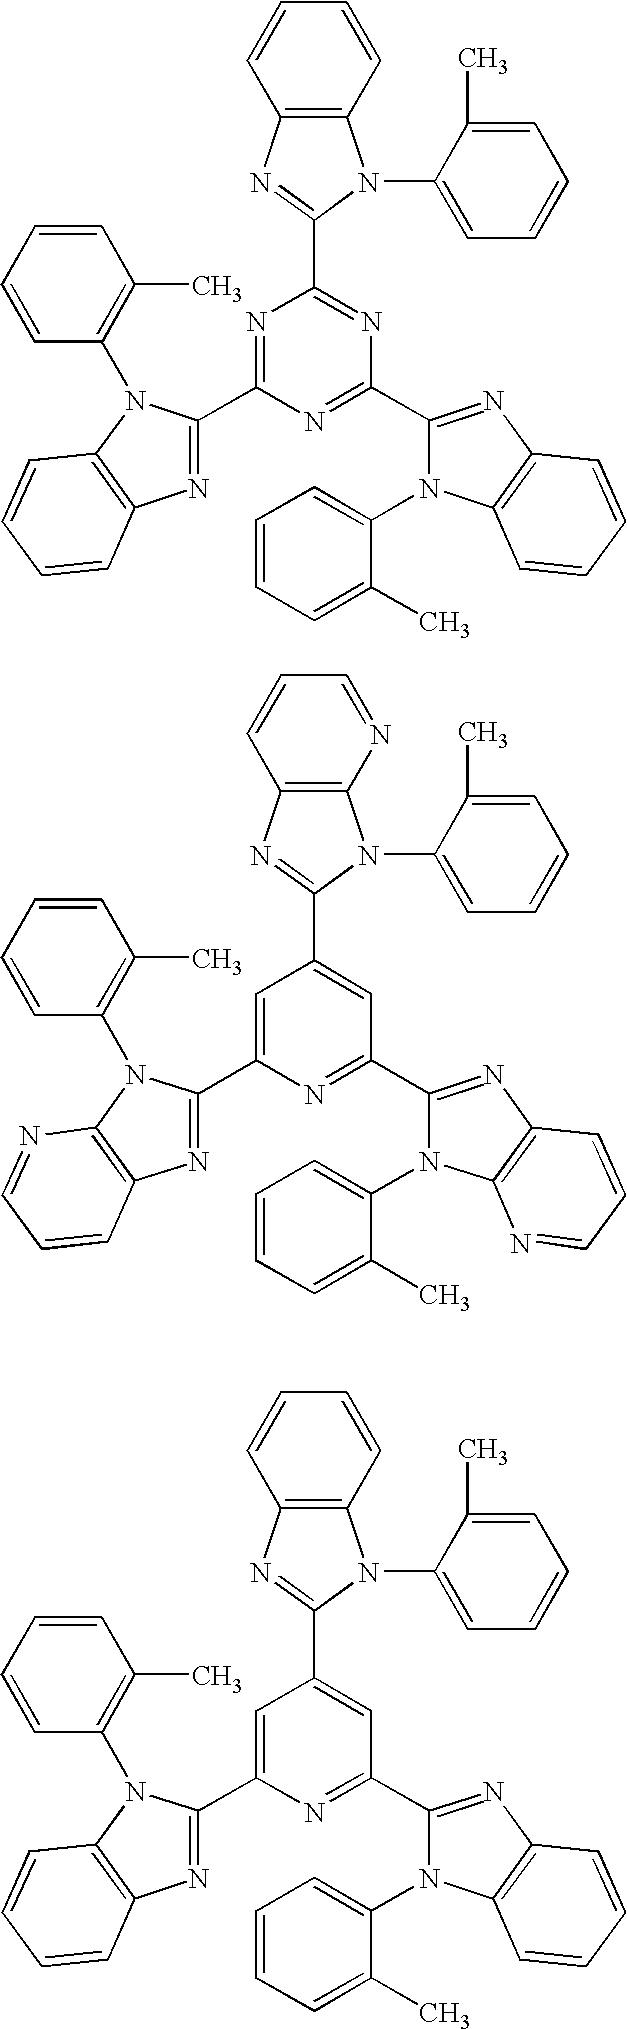 Figure US07608993-20091027-C00026